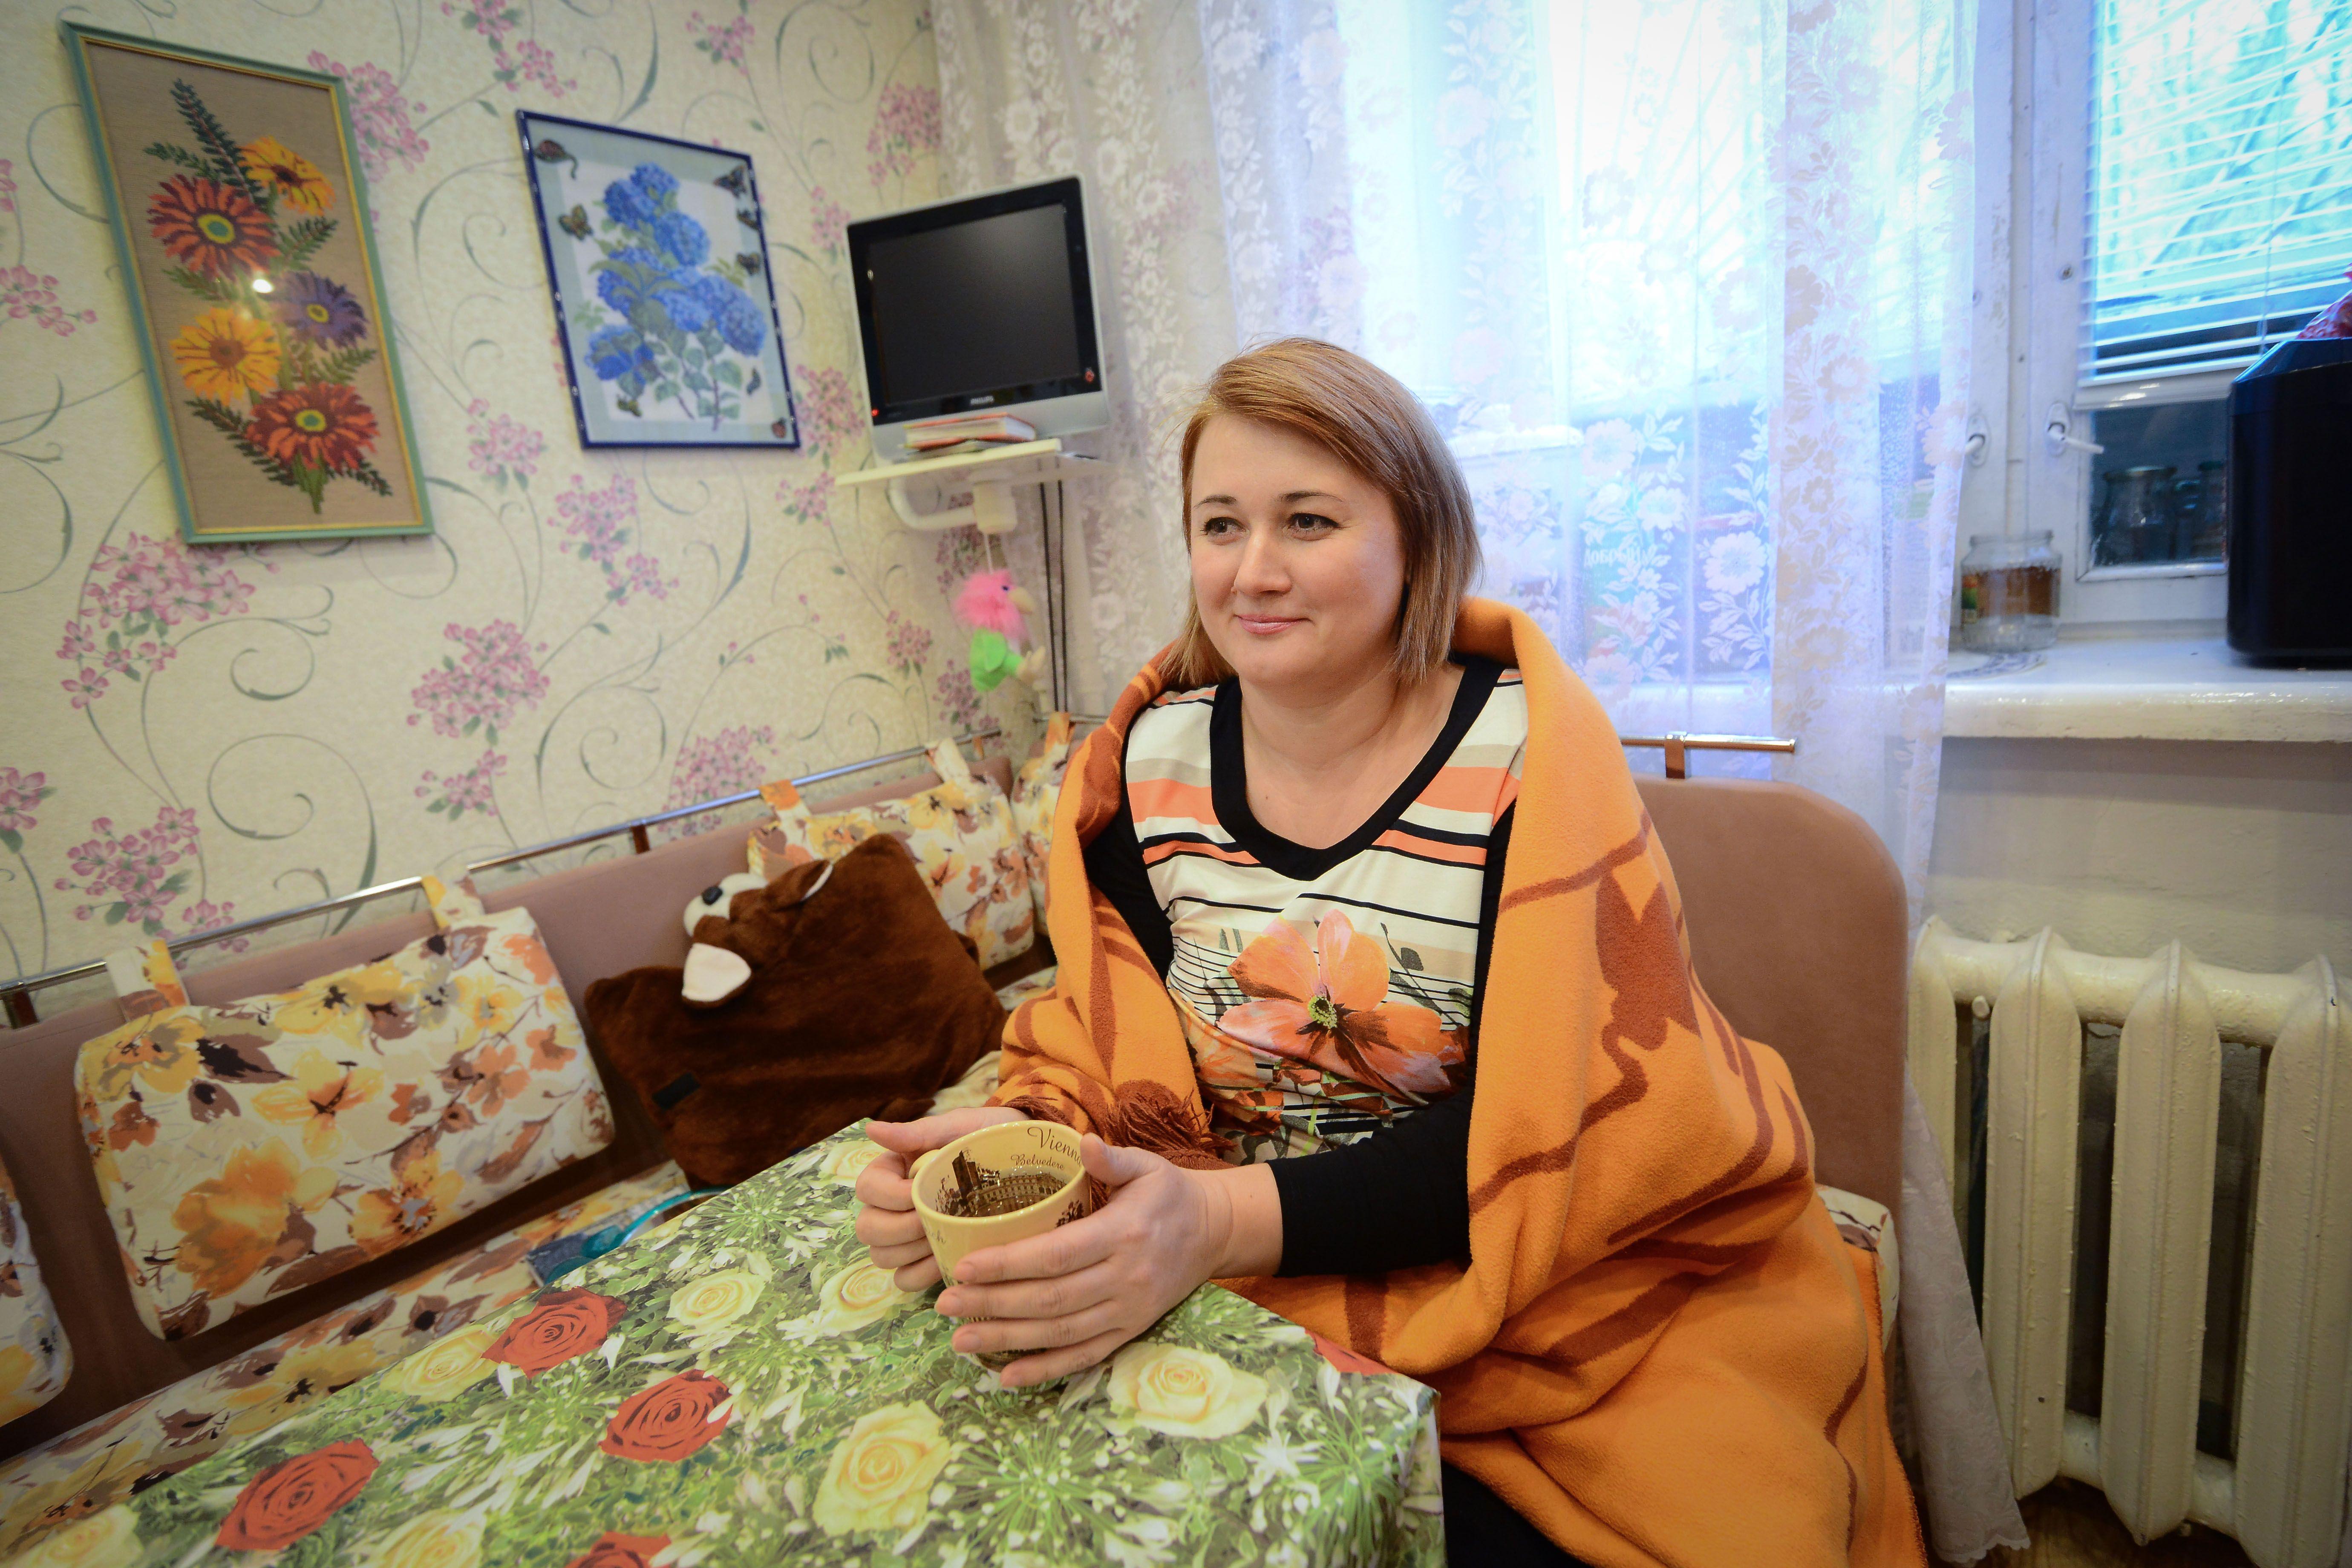 В московских домах сократили подачу тепла